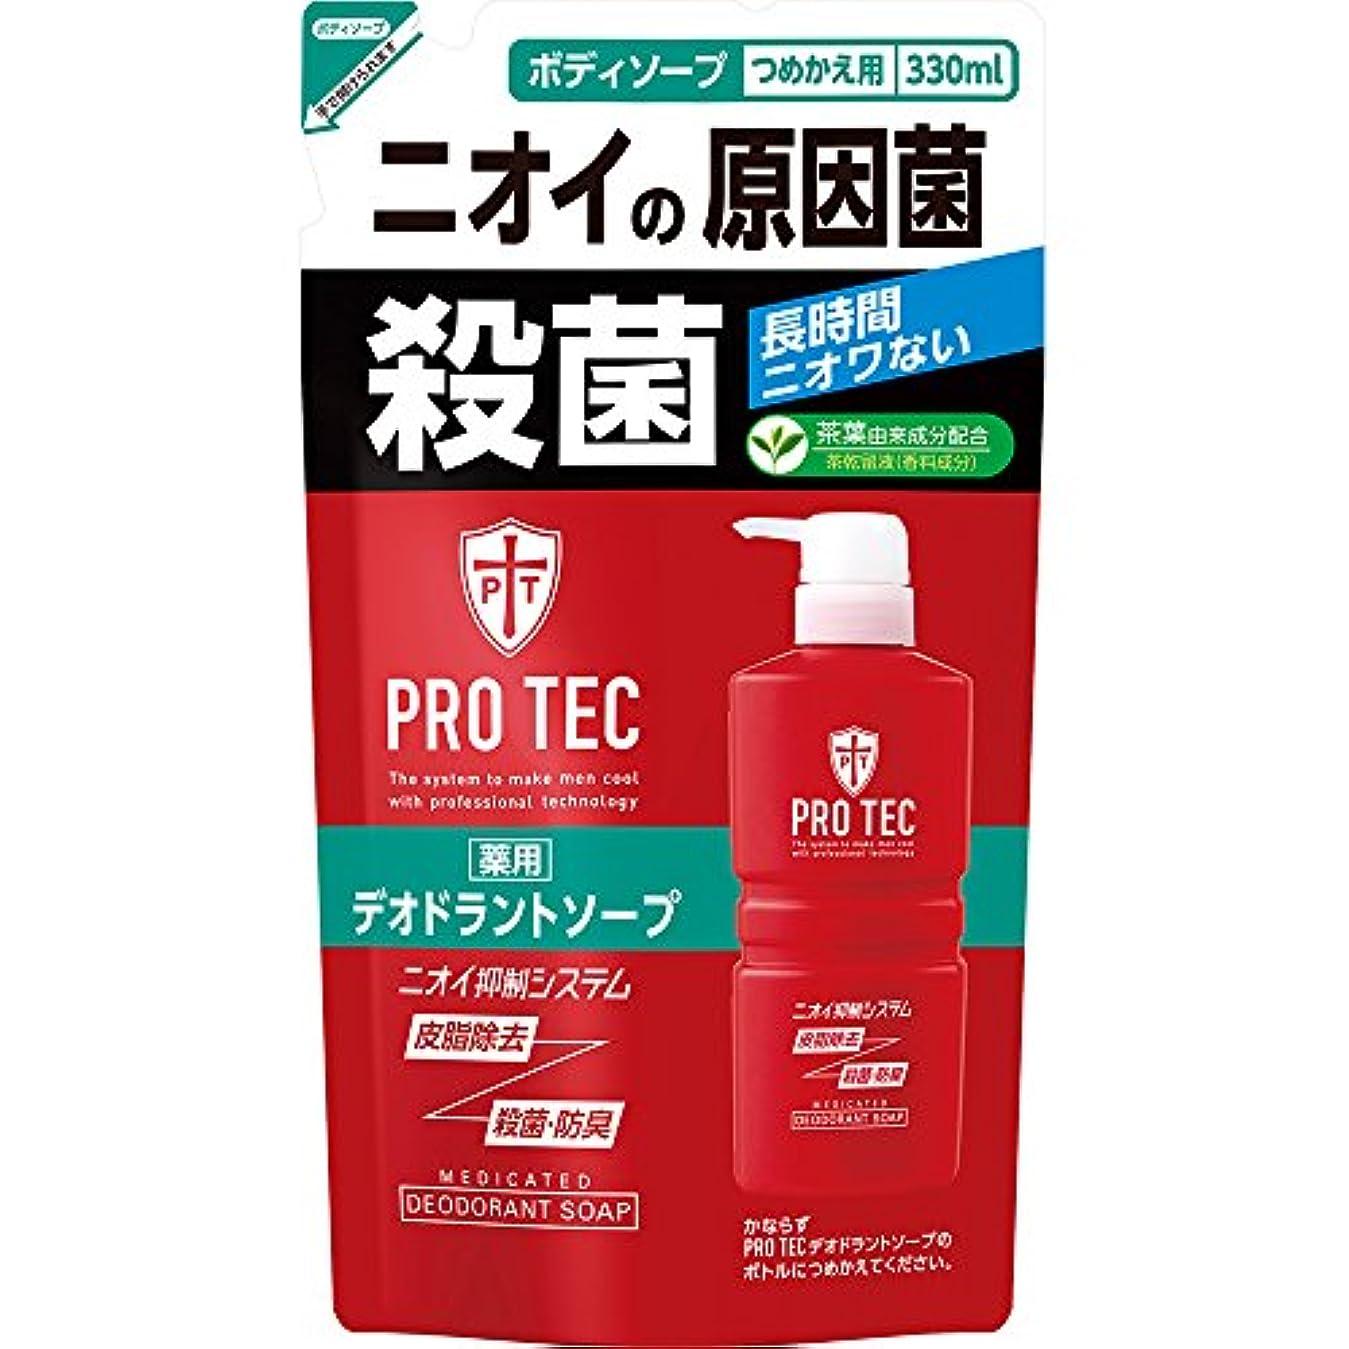 日光乏しいまた明日ねPRO TEC(プロテク) デオドラントソープ 詰め替え 330ml(医薬部外品)